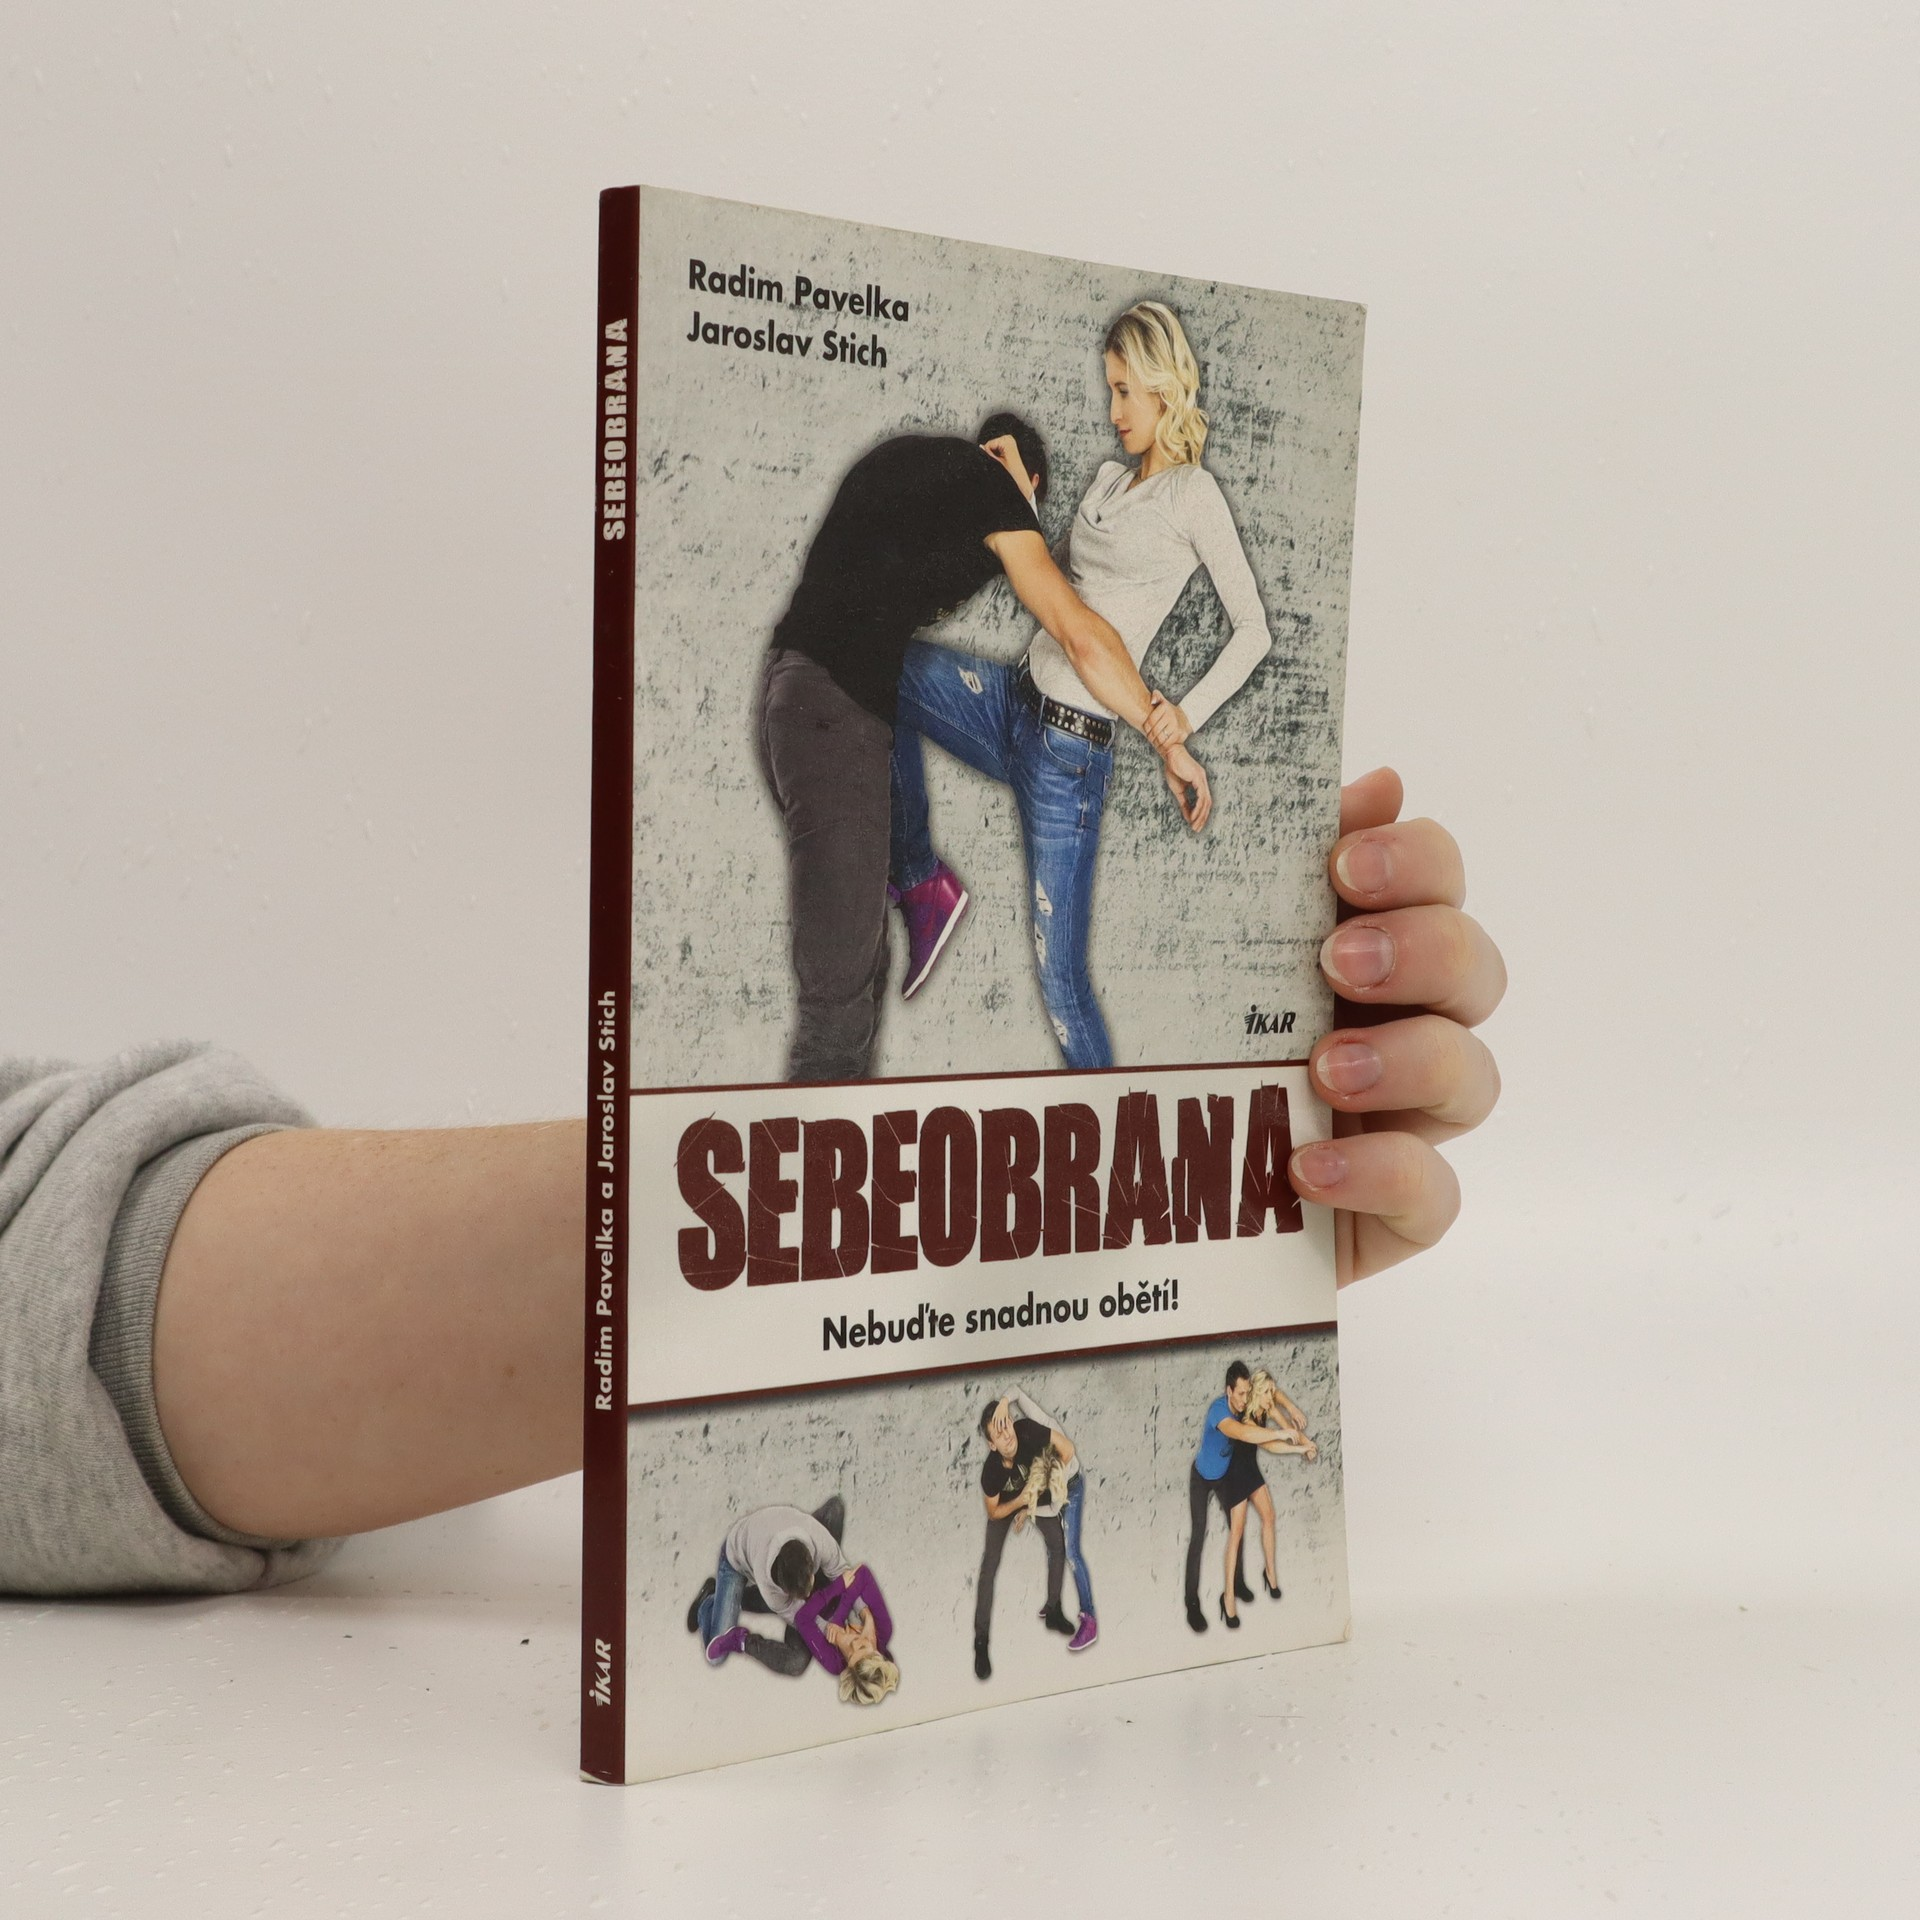 antikvární kniha Sebeobrana : nebuďte snadnou obětí!, 2015